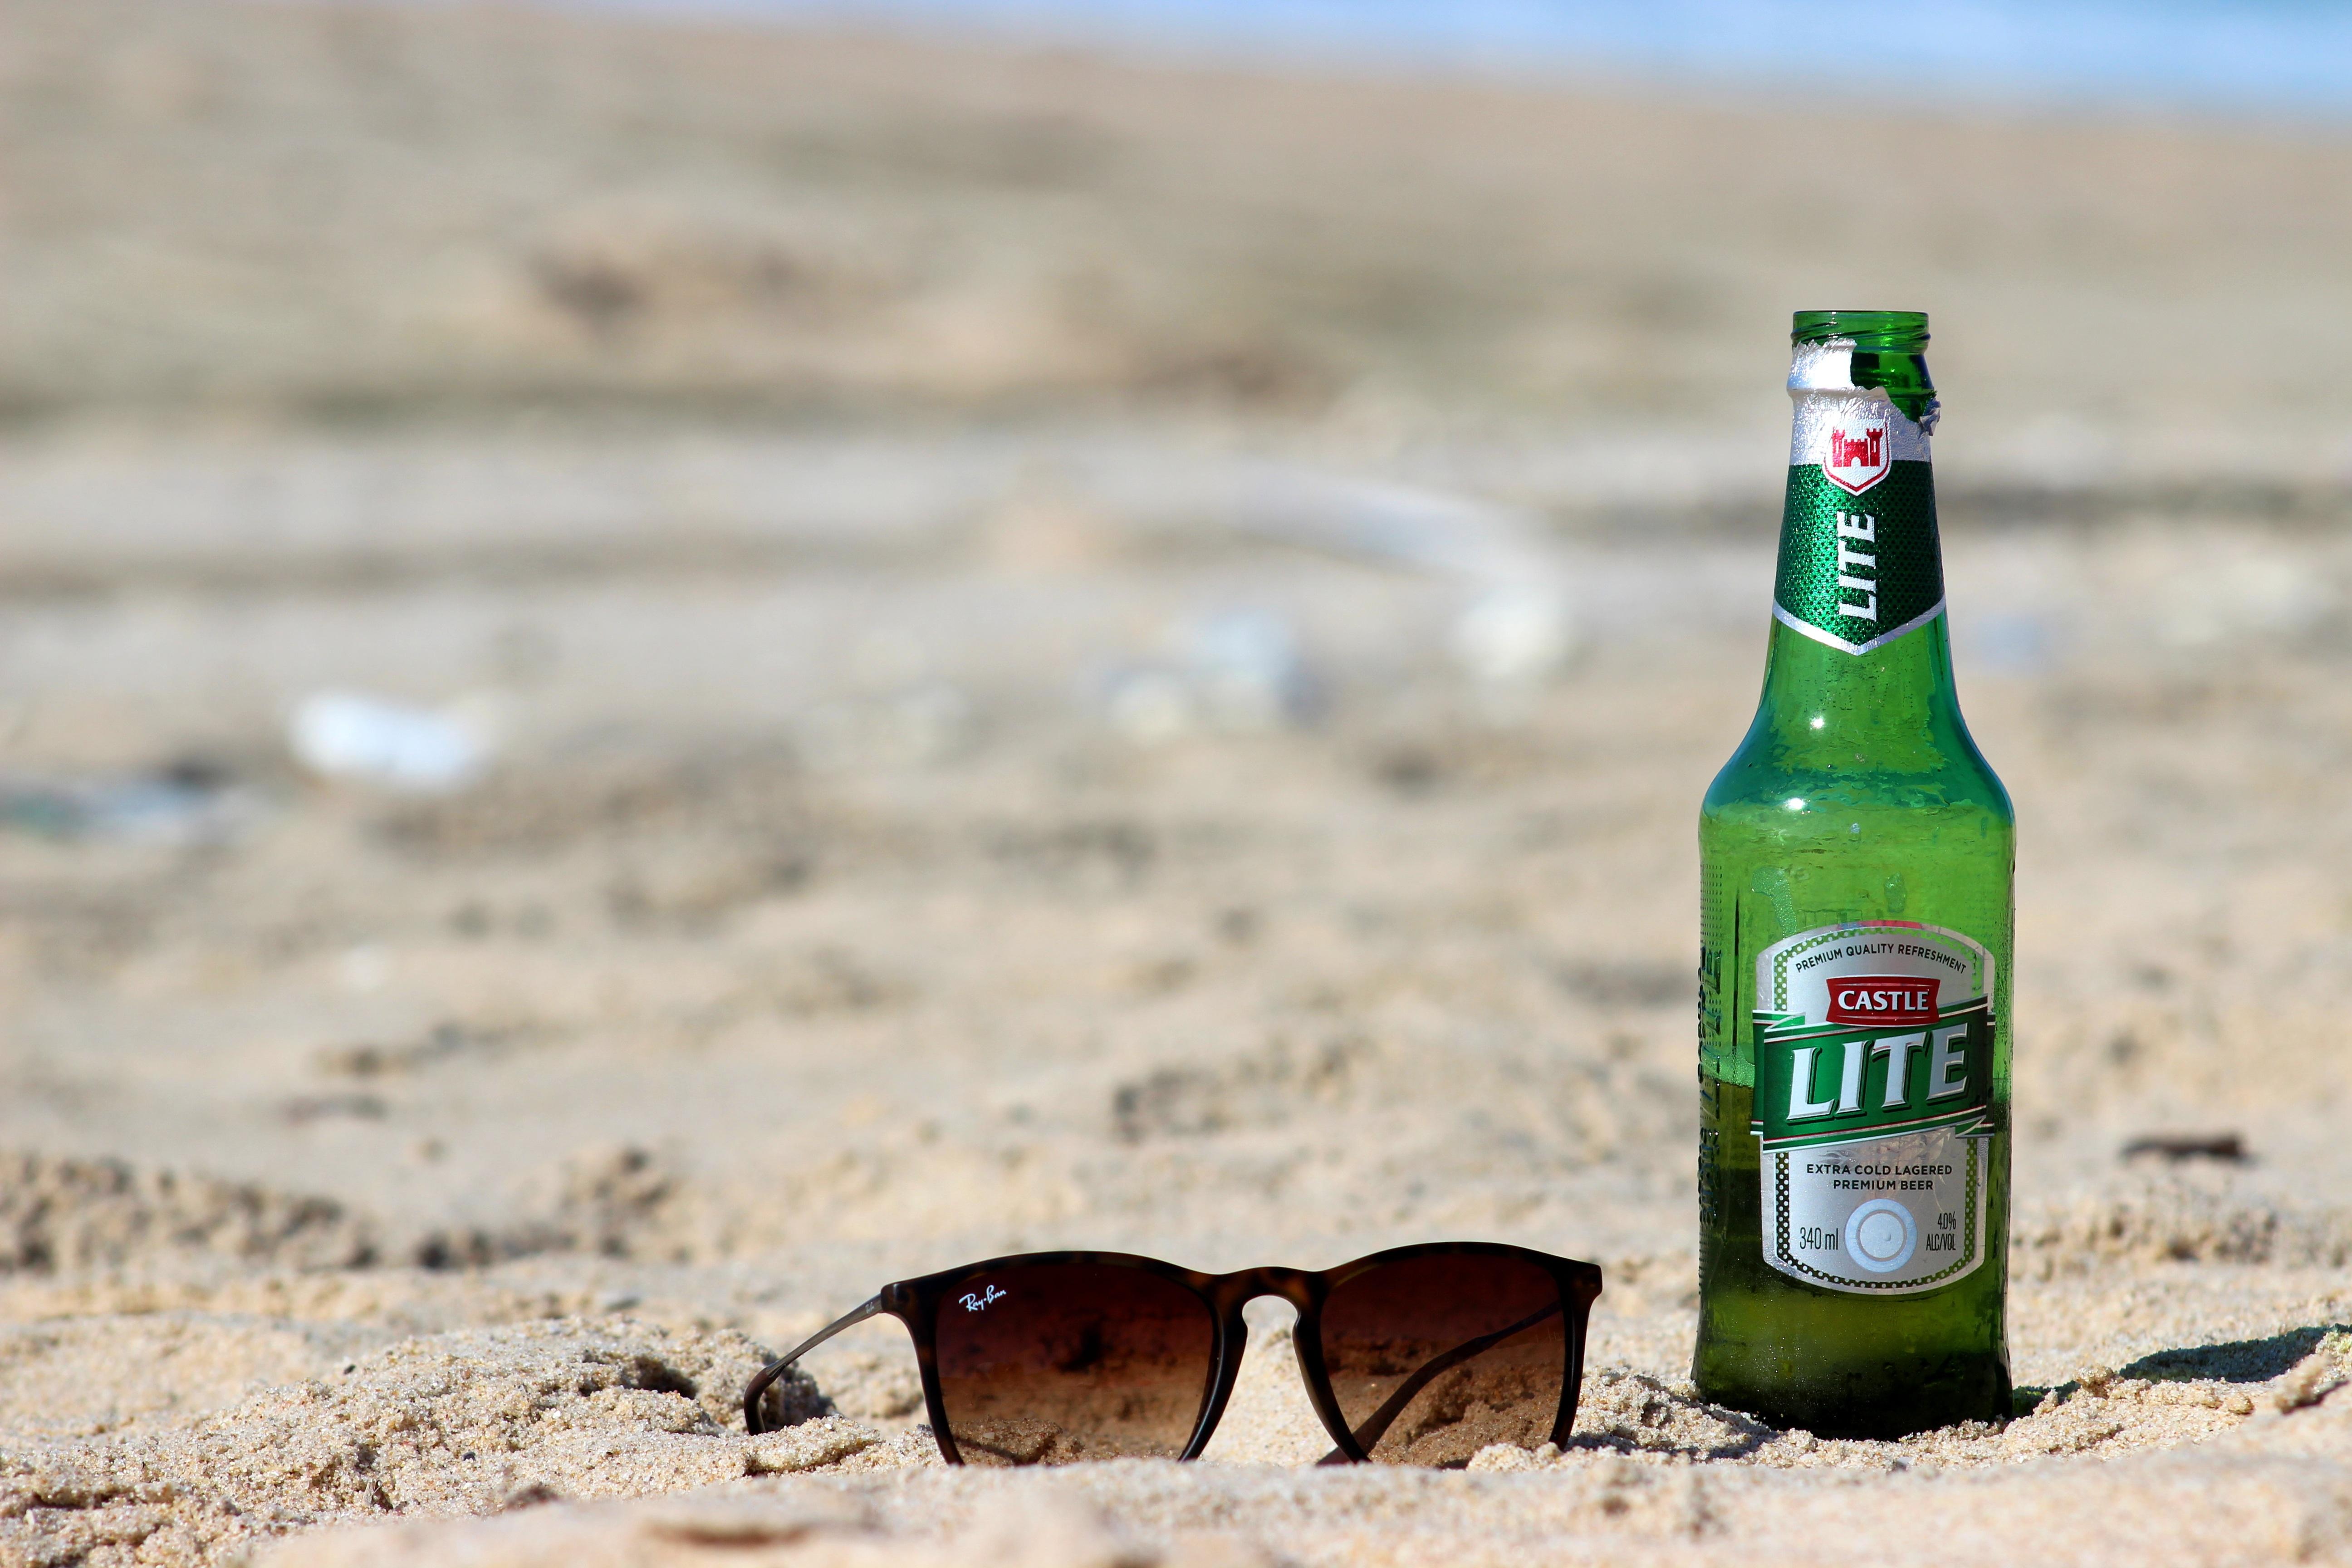 hình ảnh : bờ biển, mùa hè, kỳ nghỉ, trẻ, uống, chai, bia, rượu, Rượu, Ngoài trời, vui vẻ, vui mừng, Hạnh phúc, ngay Lê, kính râm, ngày cuối tuần, Bóng, ...